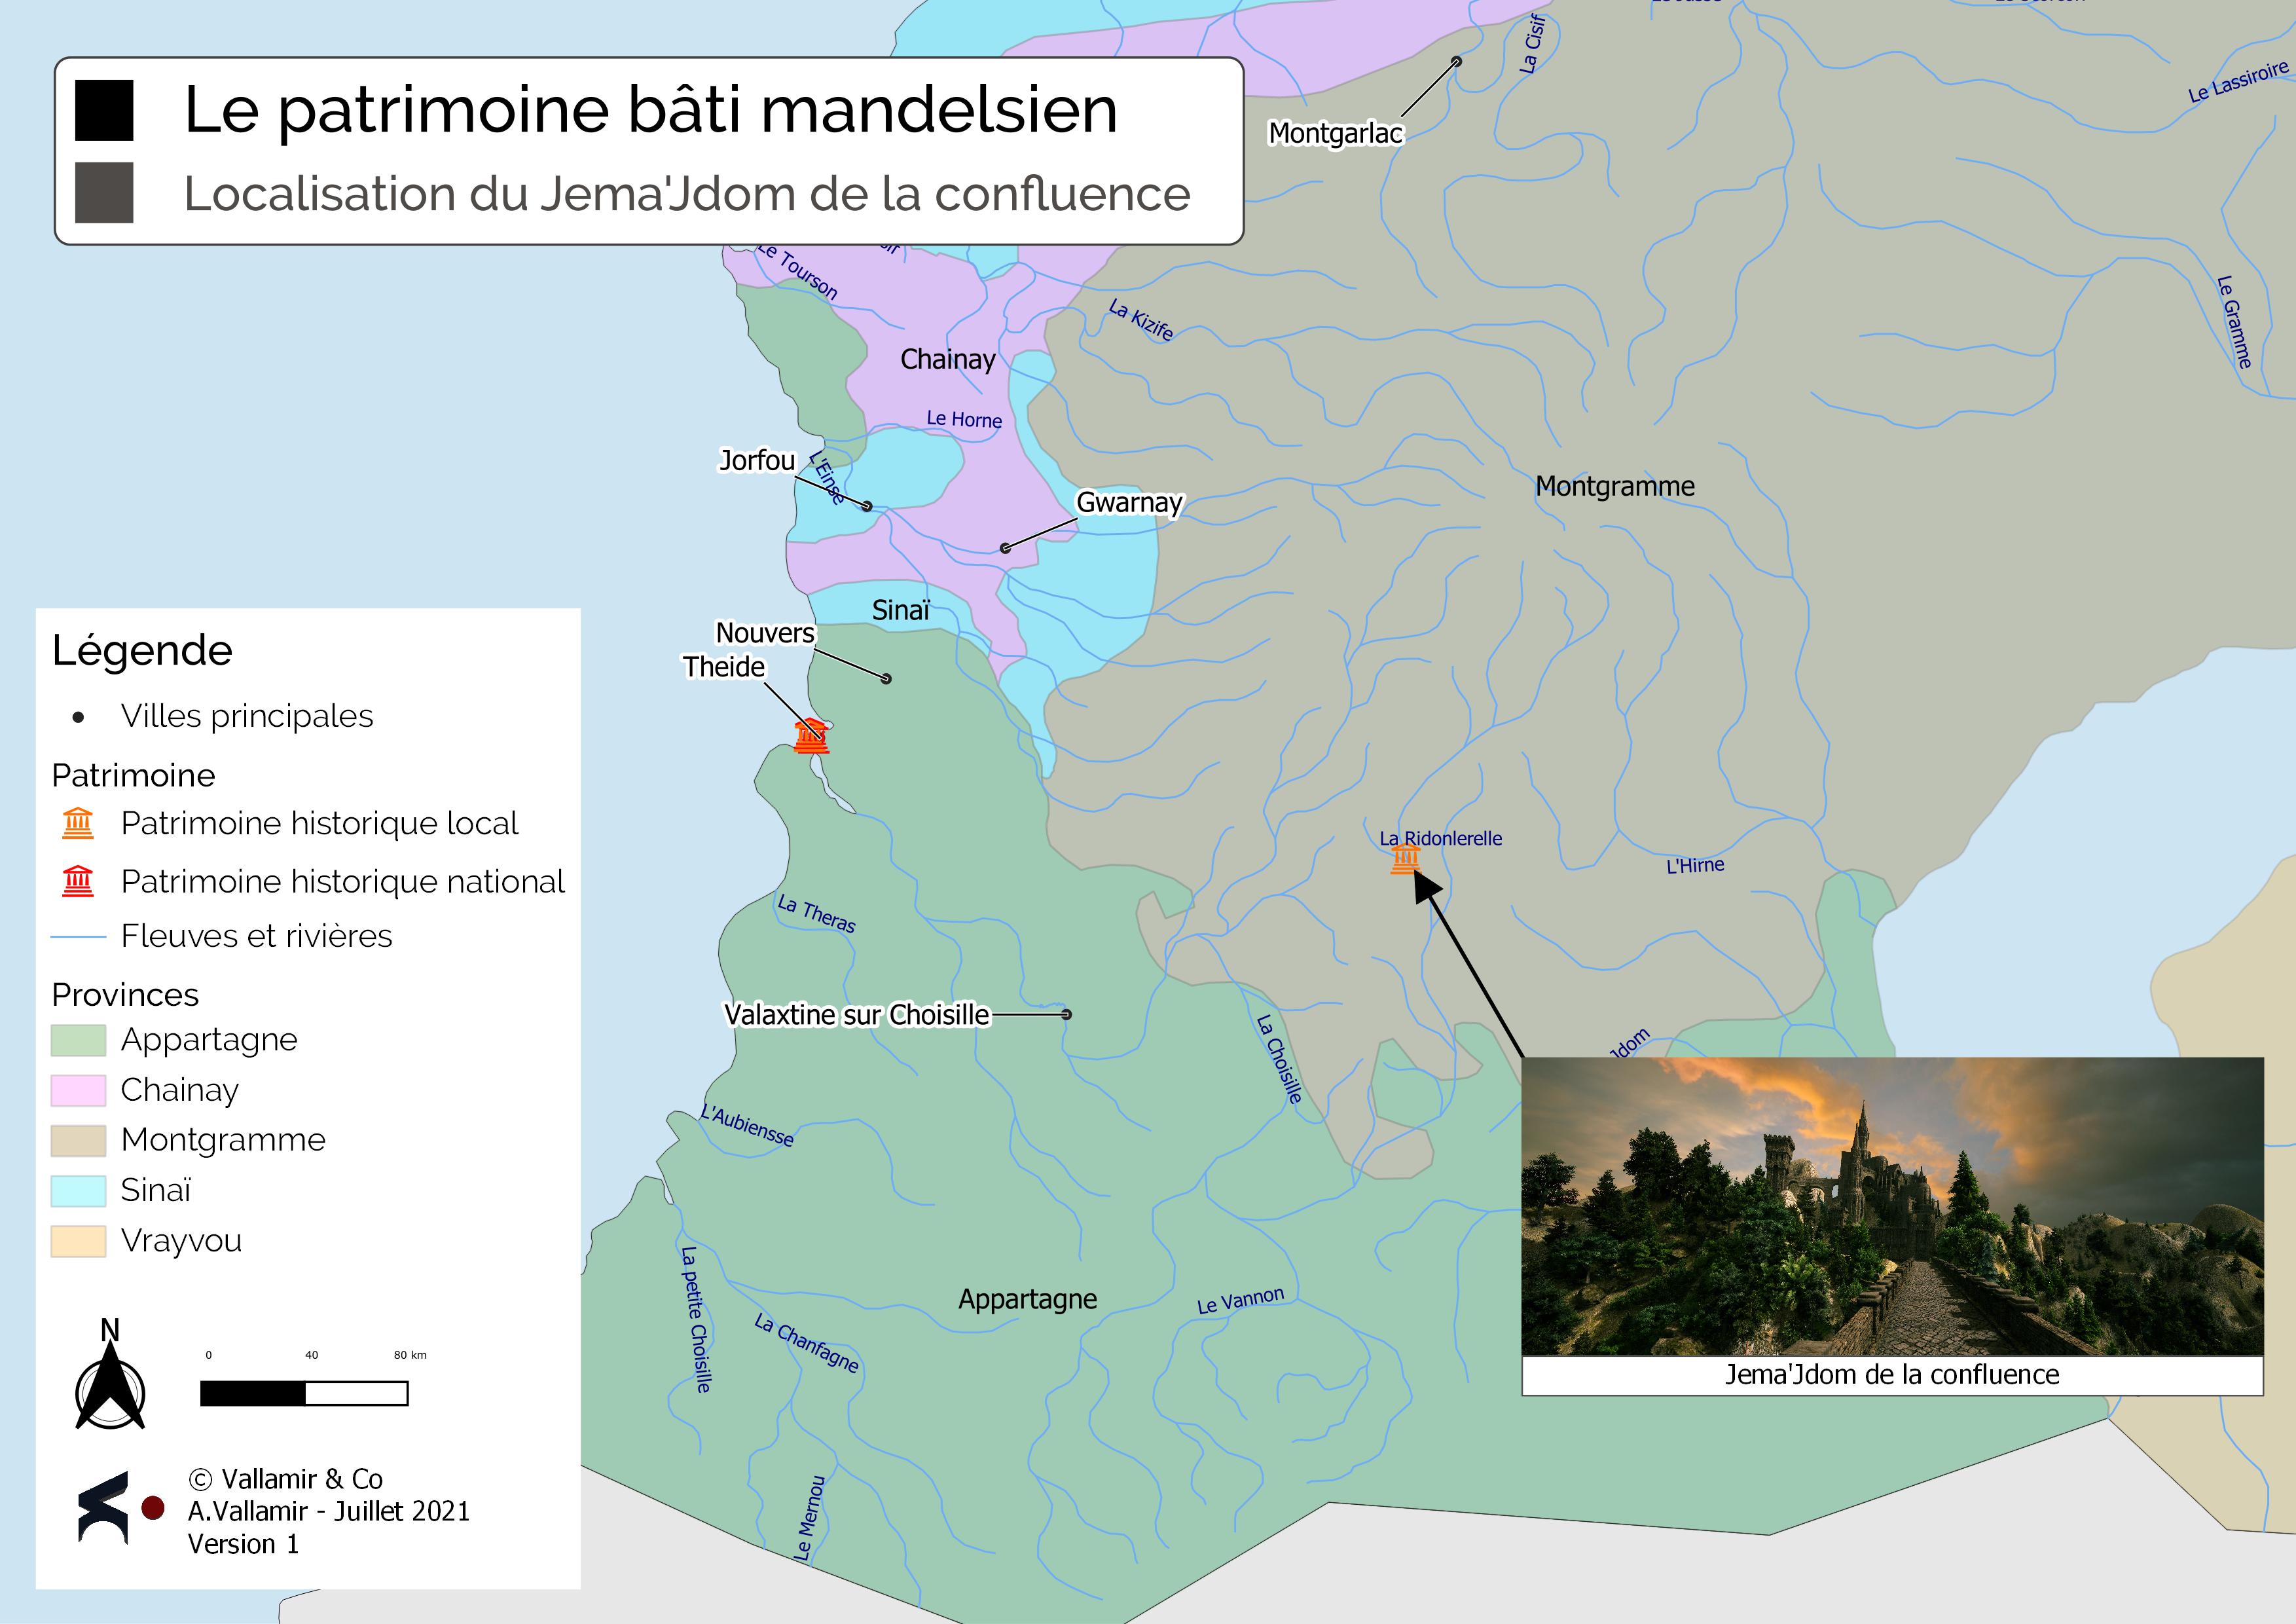 [Mandelsy] Villes et paysages  : le Jema'Jdom de la confluence - Page 13 MD_Patrimoine_JemaJdom